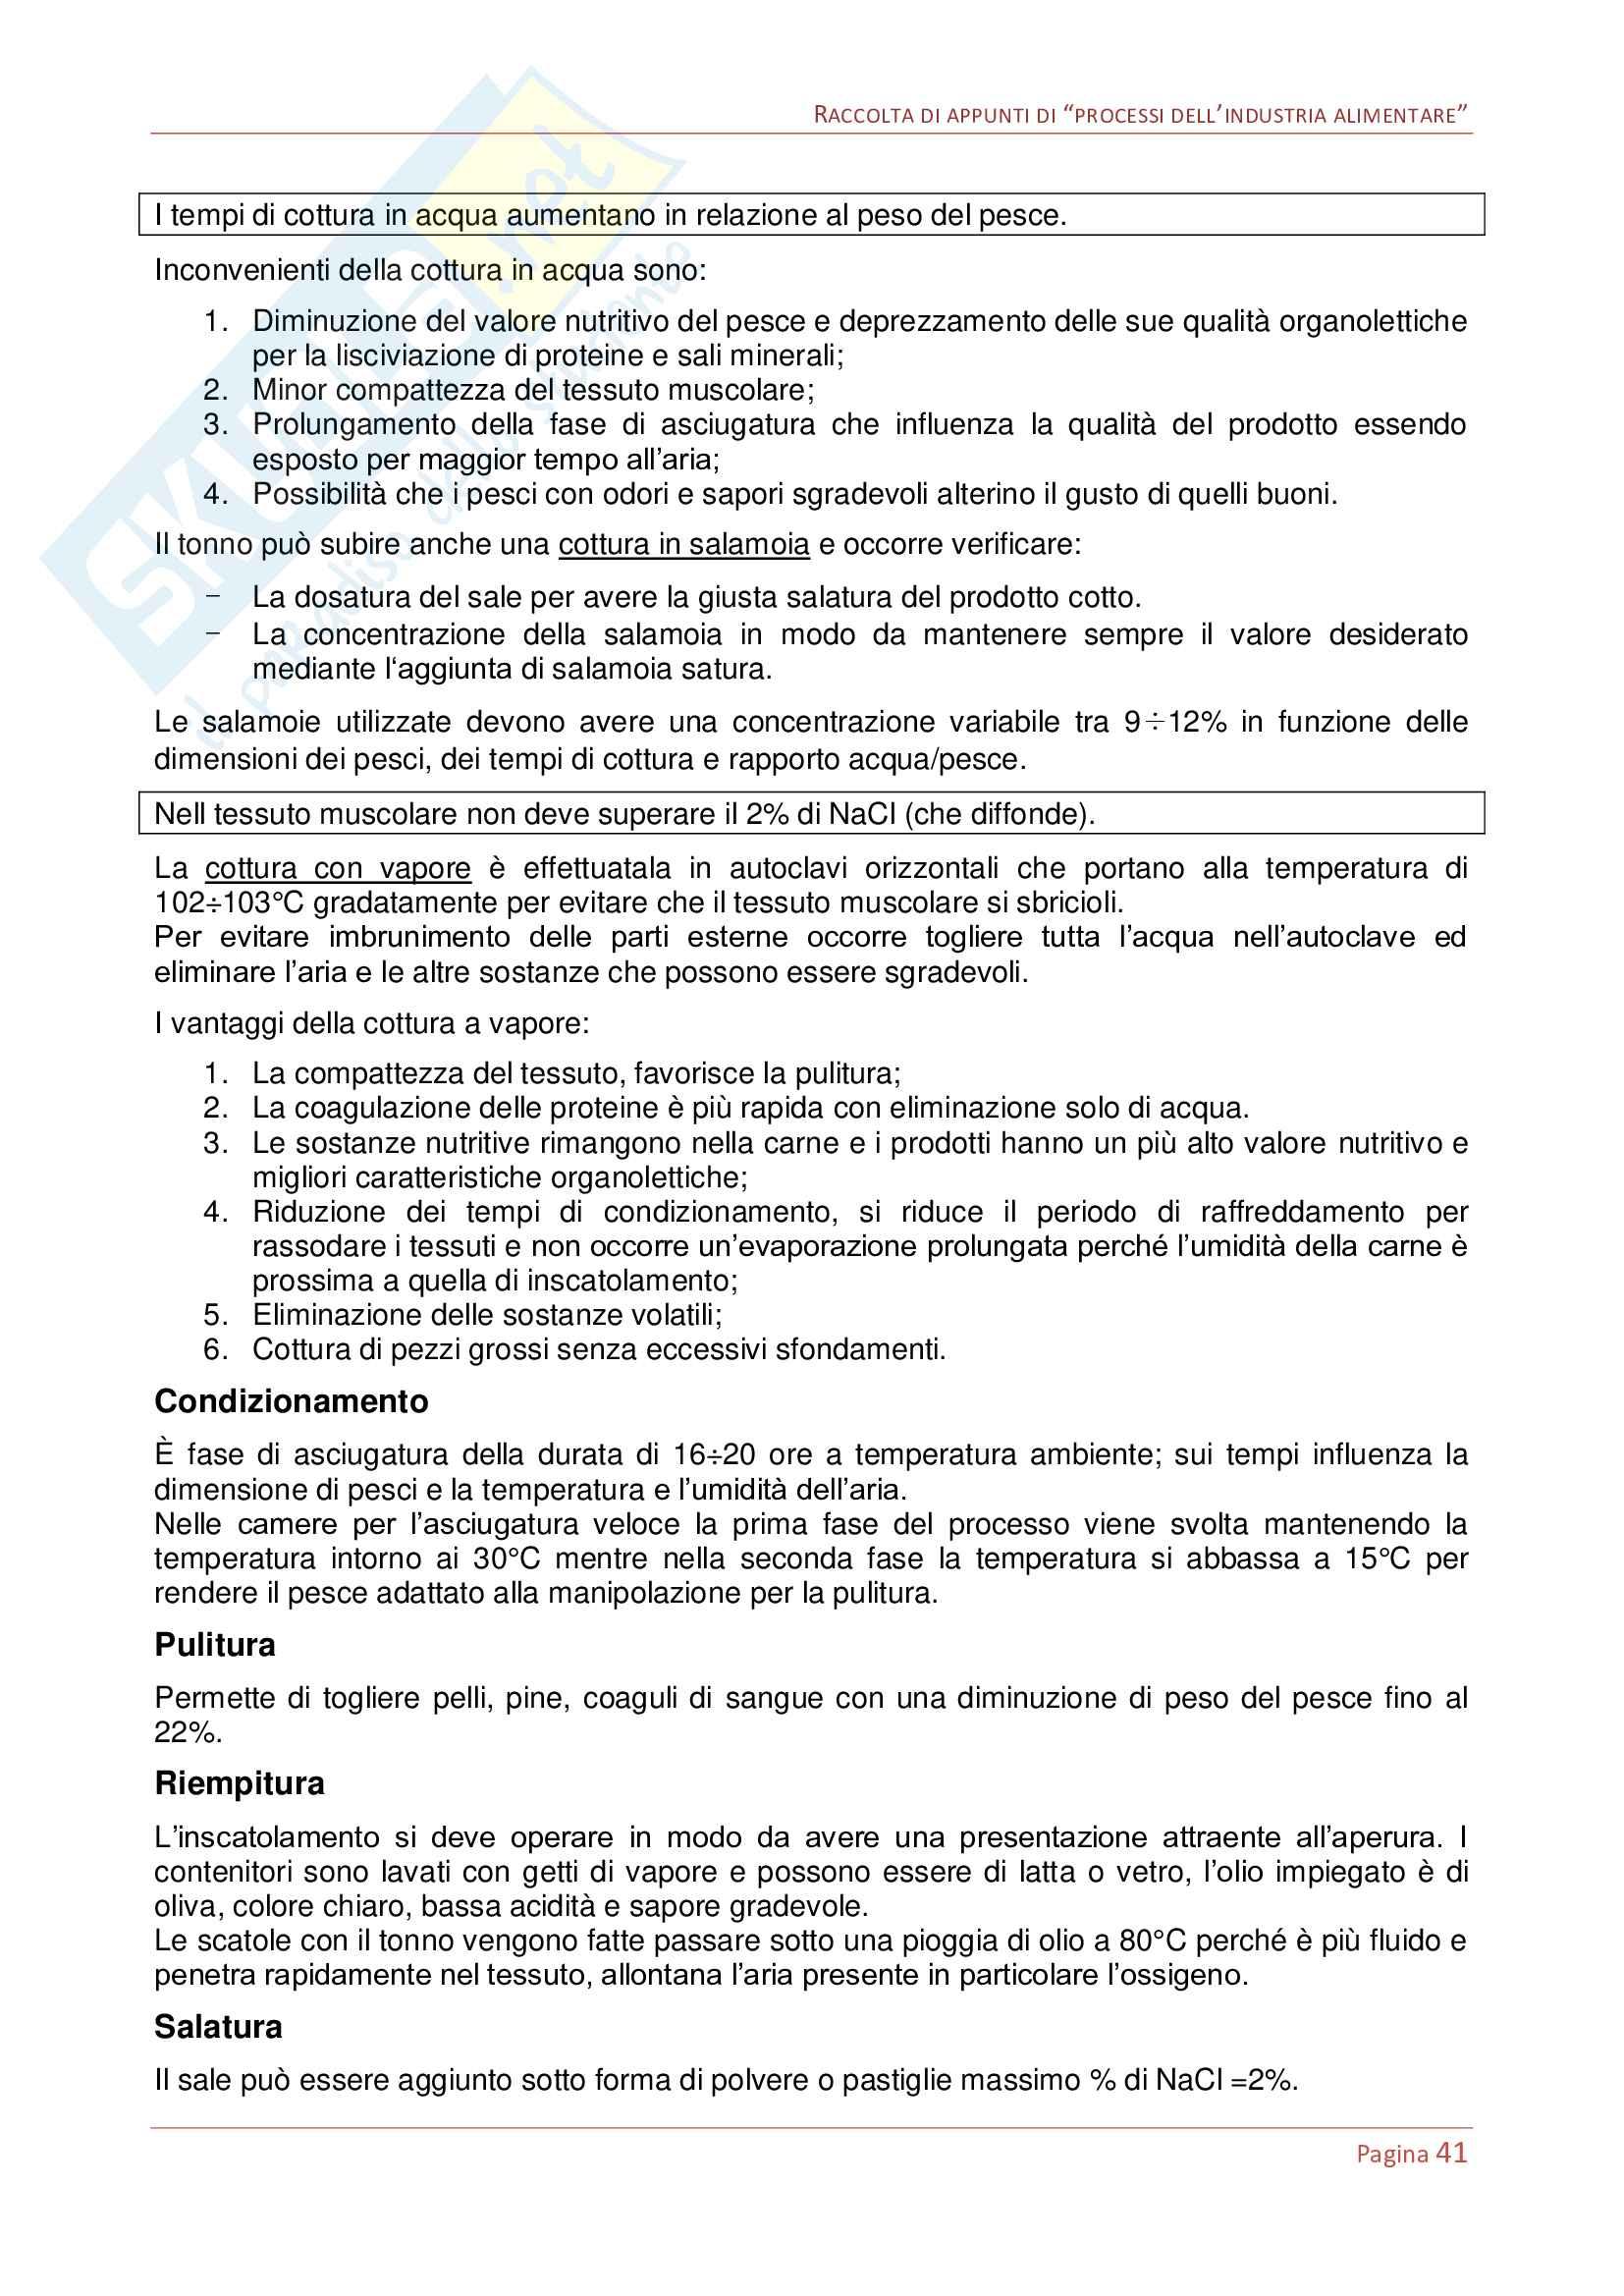 Processi dell'industria alimentare Pag. 41